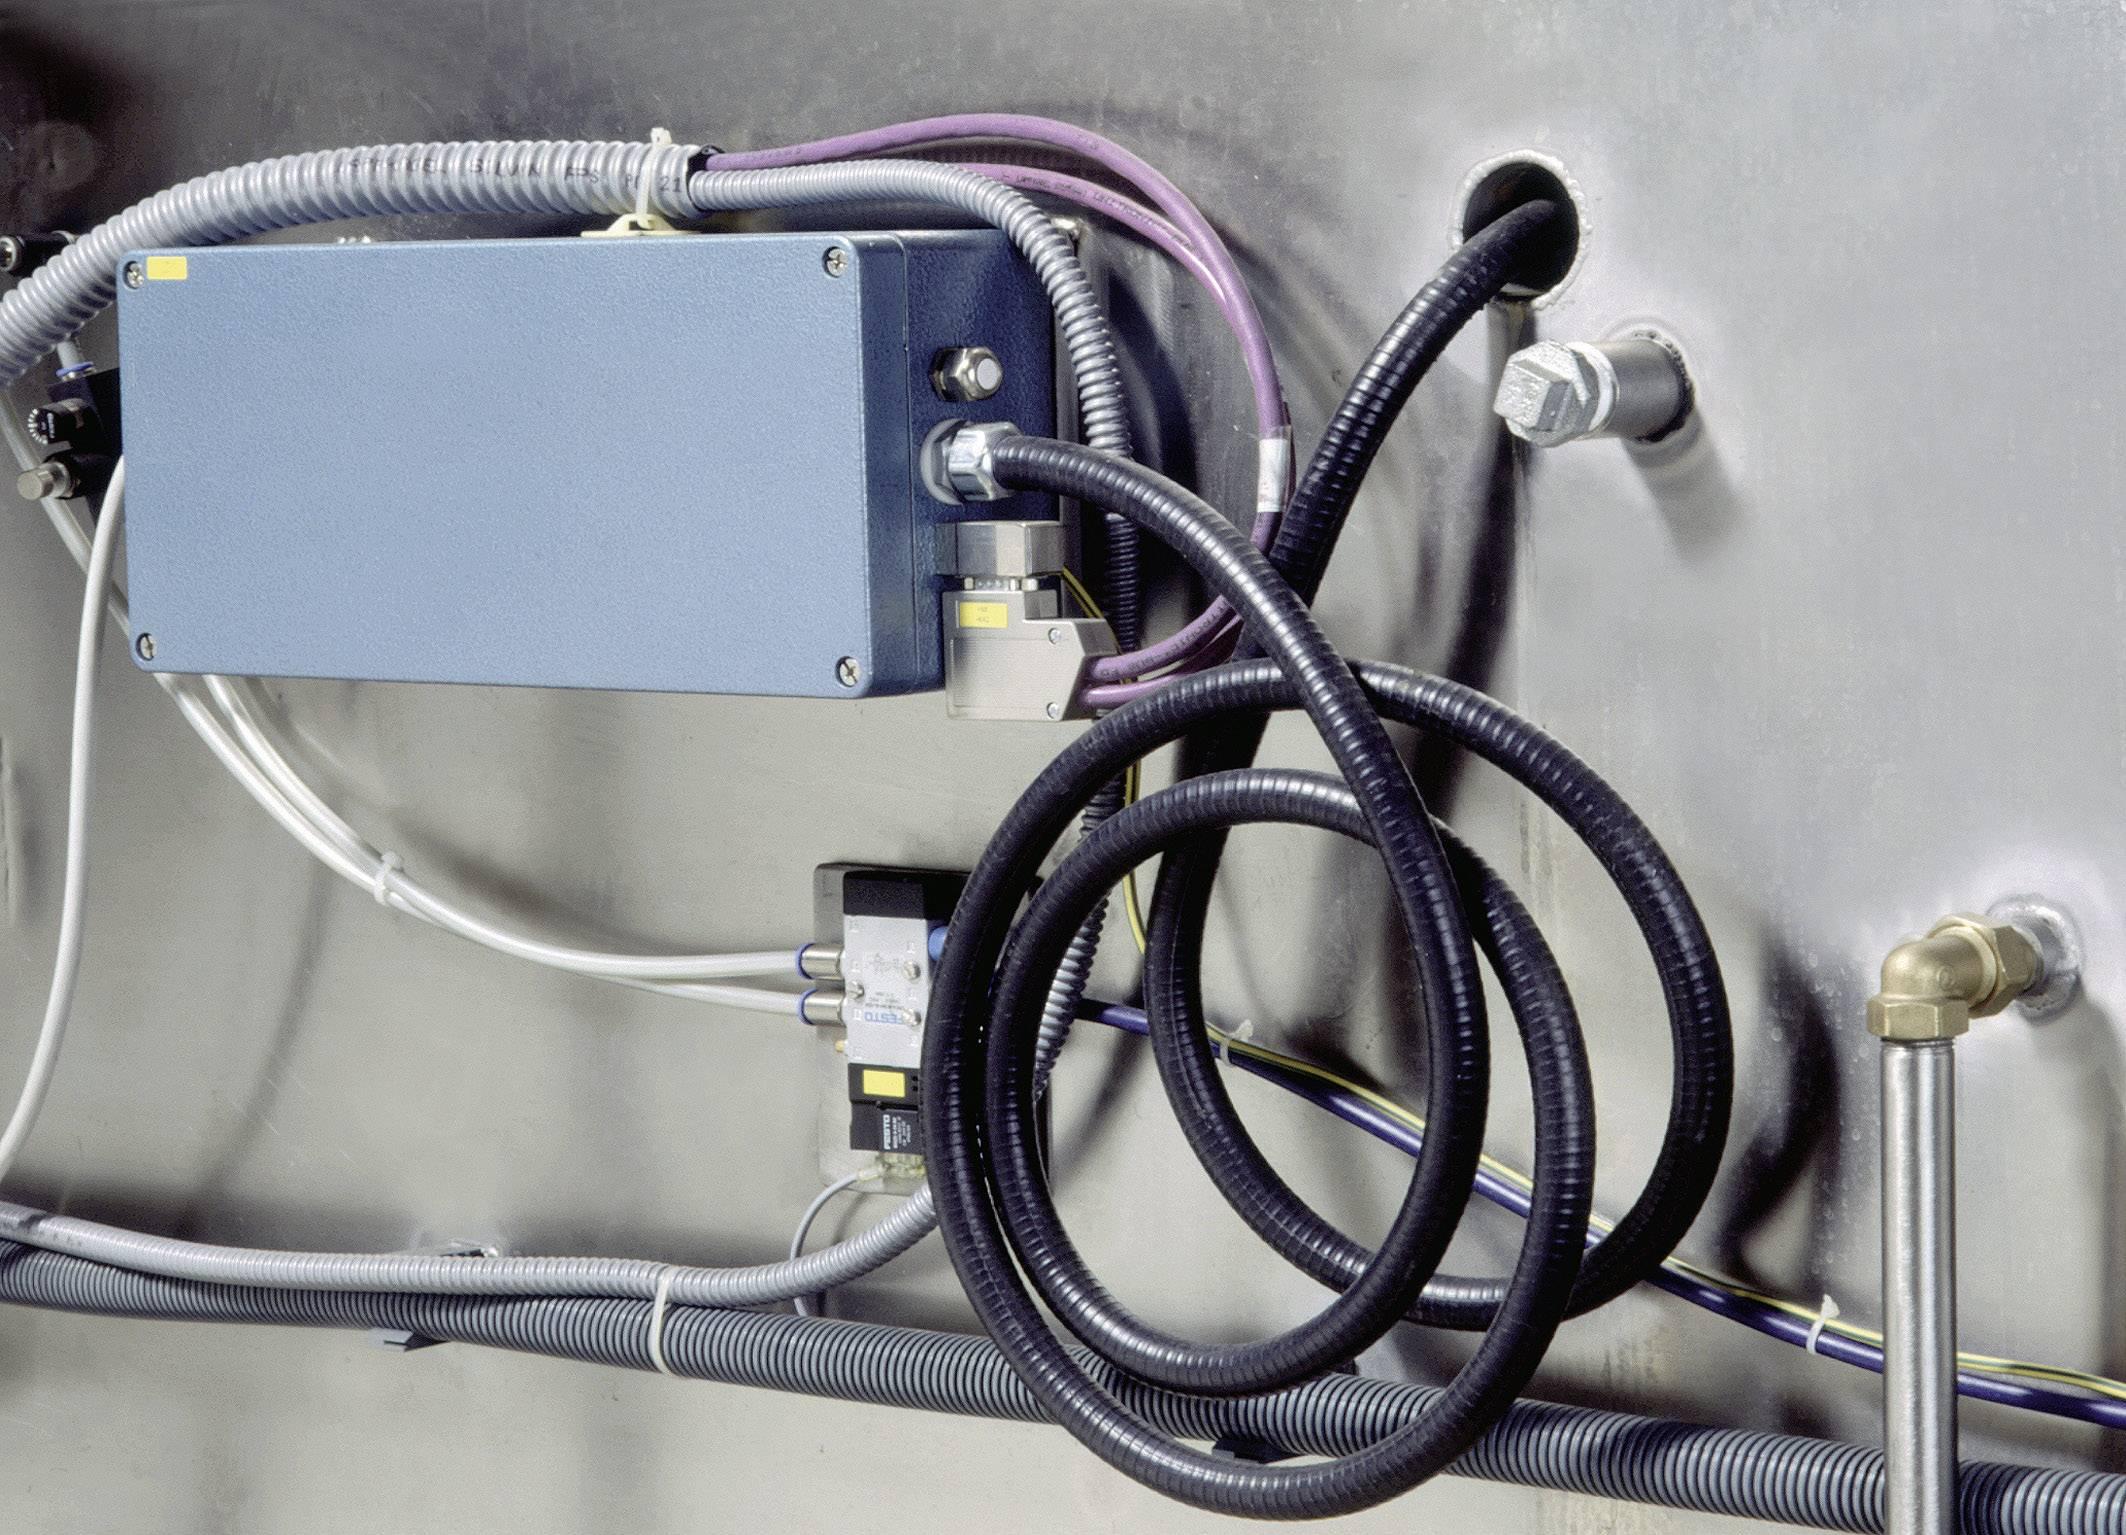 Ochranná hadice na kov LAPP SILVYN® LCC-2 10/6,8x10 BK 61804702, 6.80 mm, černá, 10 m